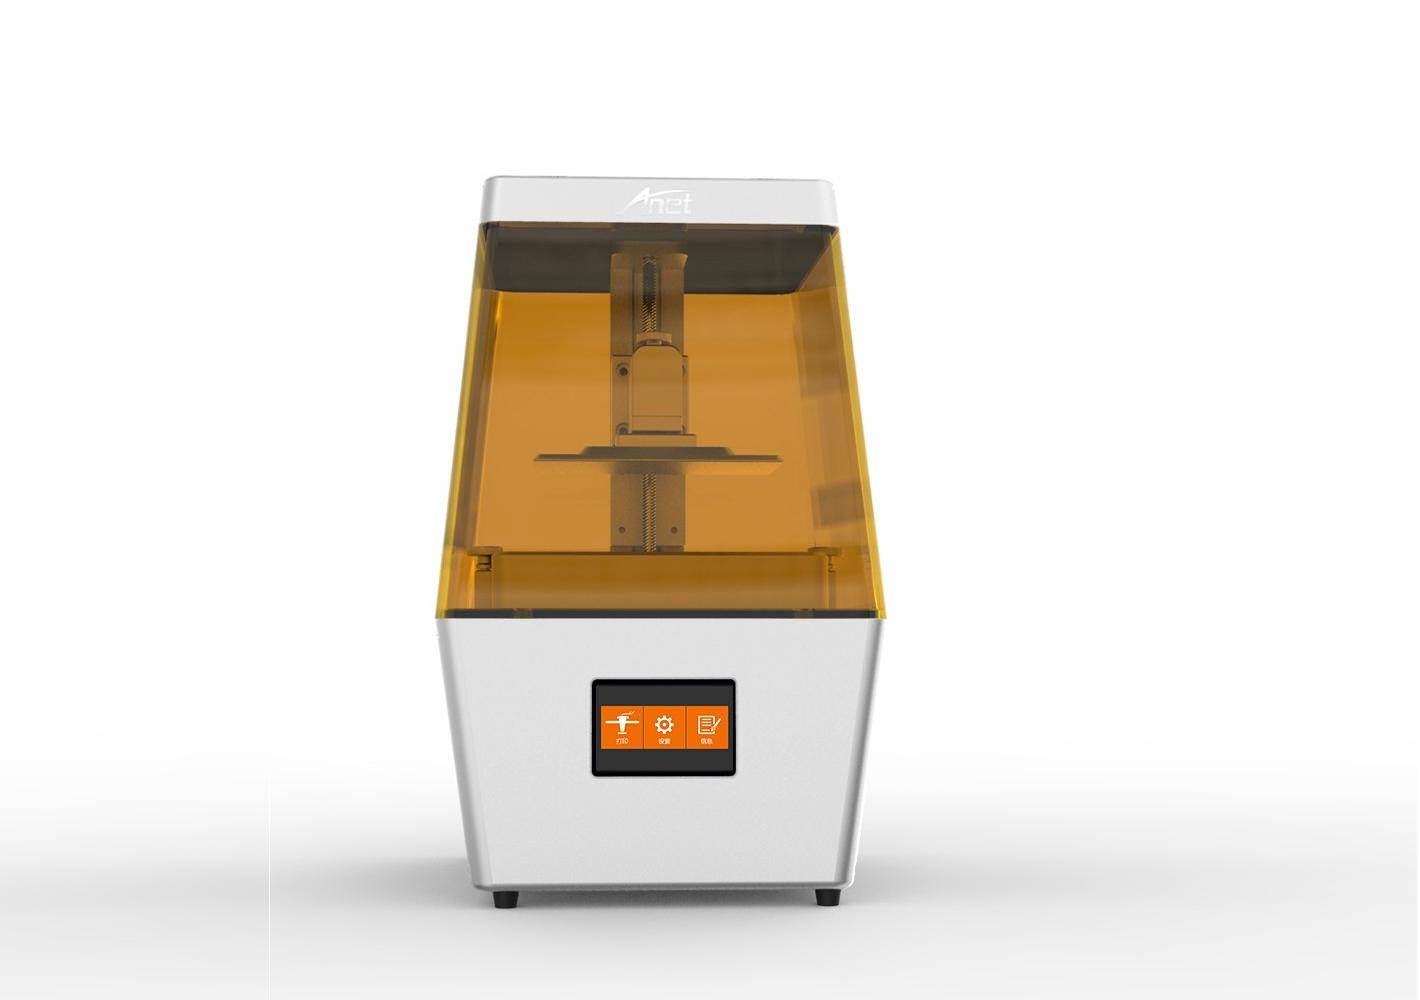 Обновление ассортимента фотополимерных 3D-принтеров Anet - 1